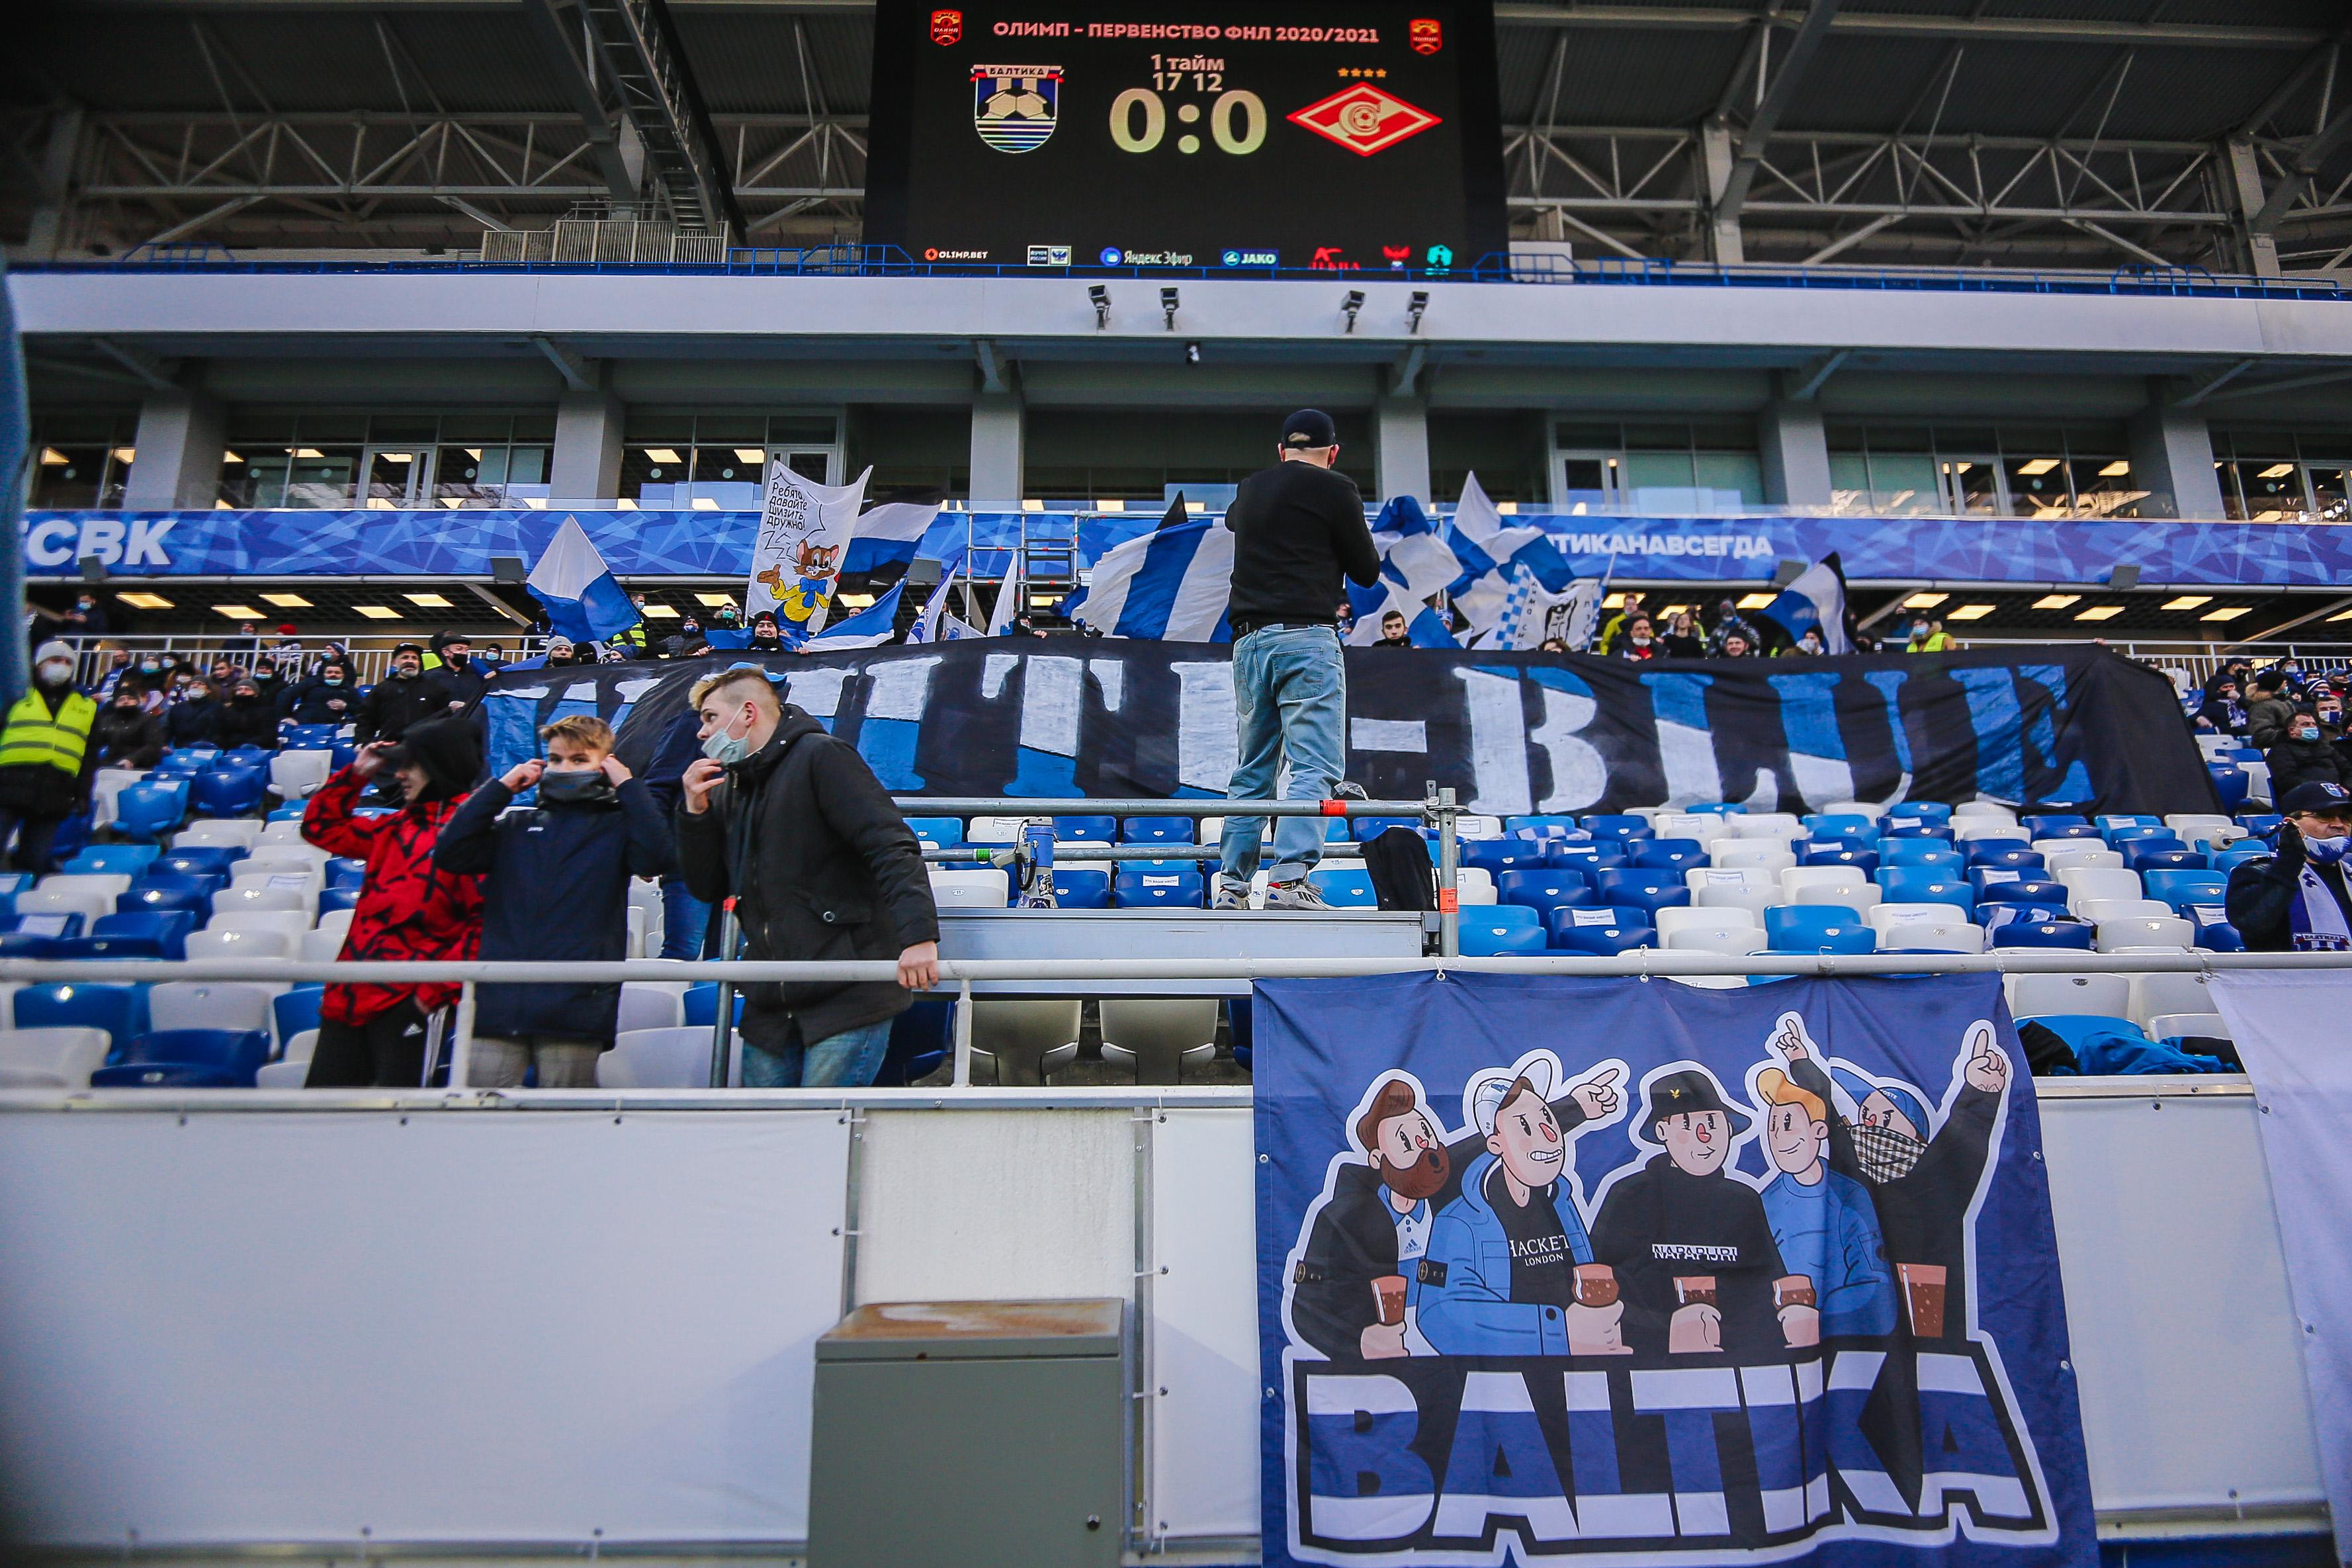 Фанаты «Балтики» подарили главному тренеру свой мерч. В благодарность он пришел на фан-сектор и отметил с ними победу